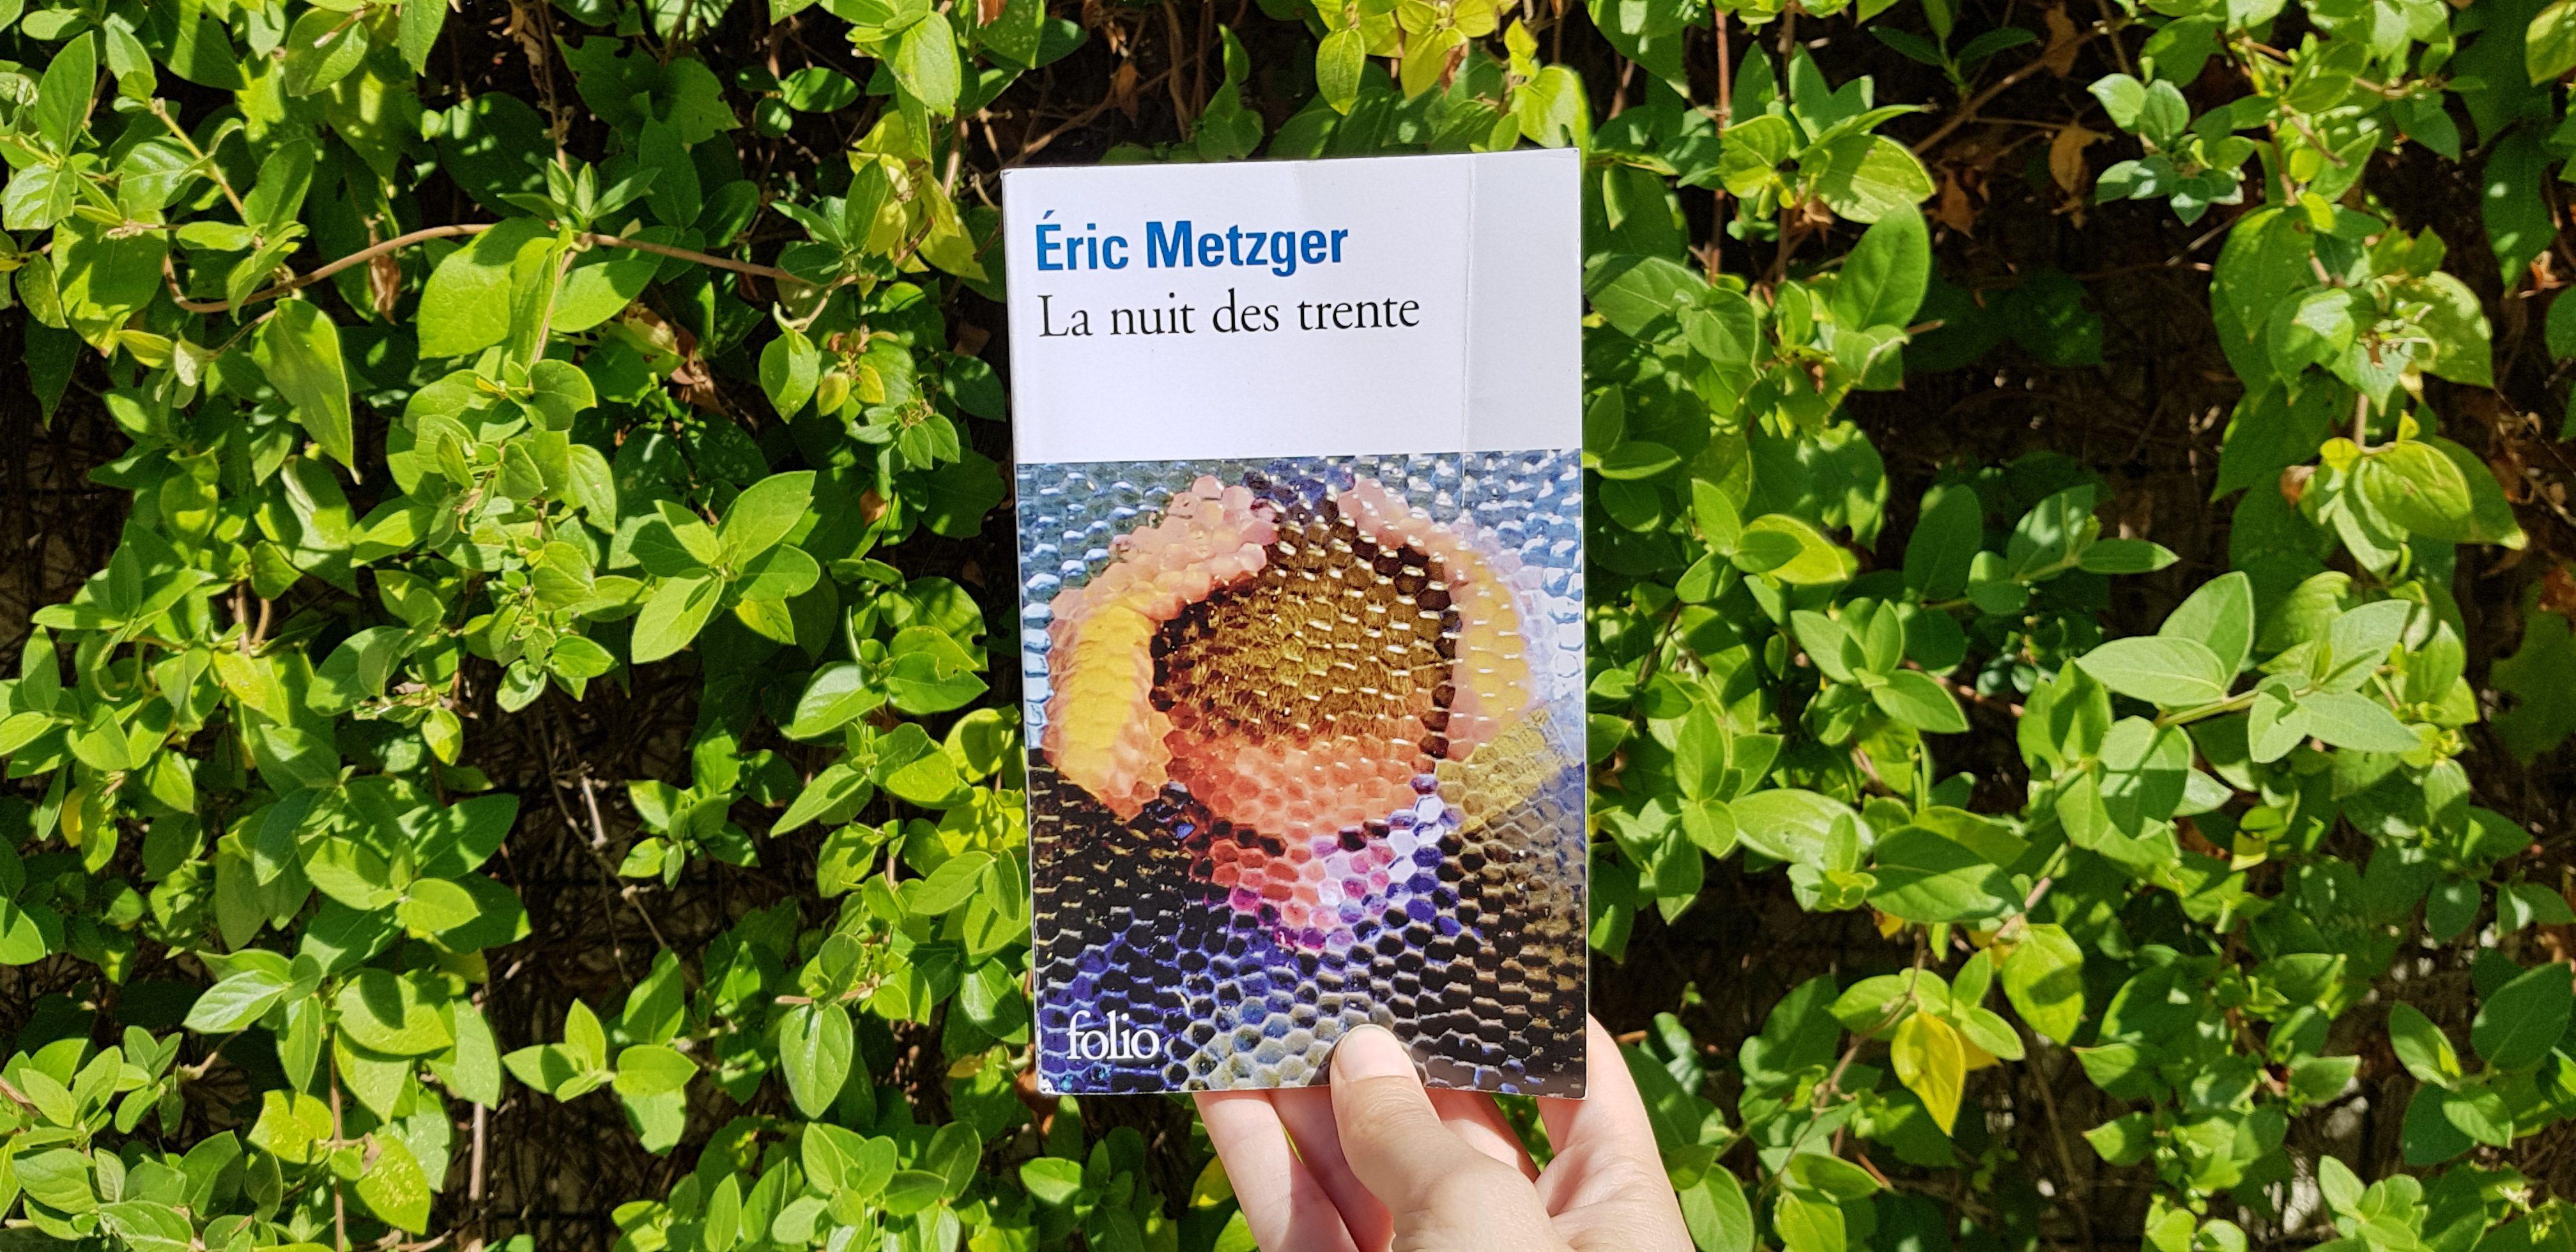 La nuit des trente de Eric Metzger